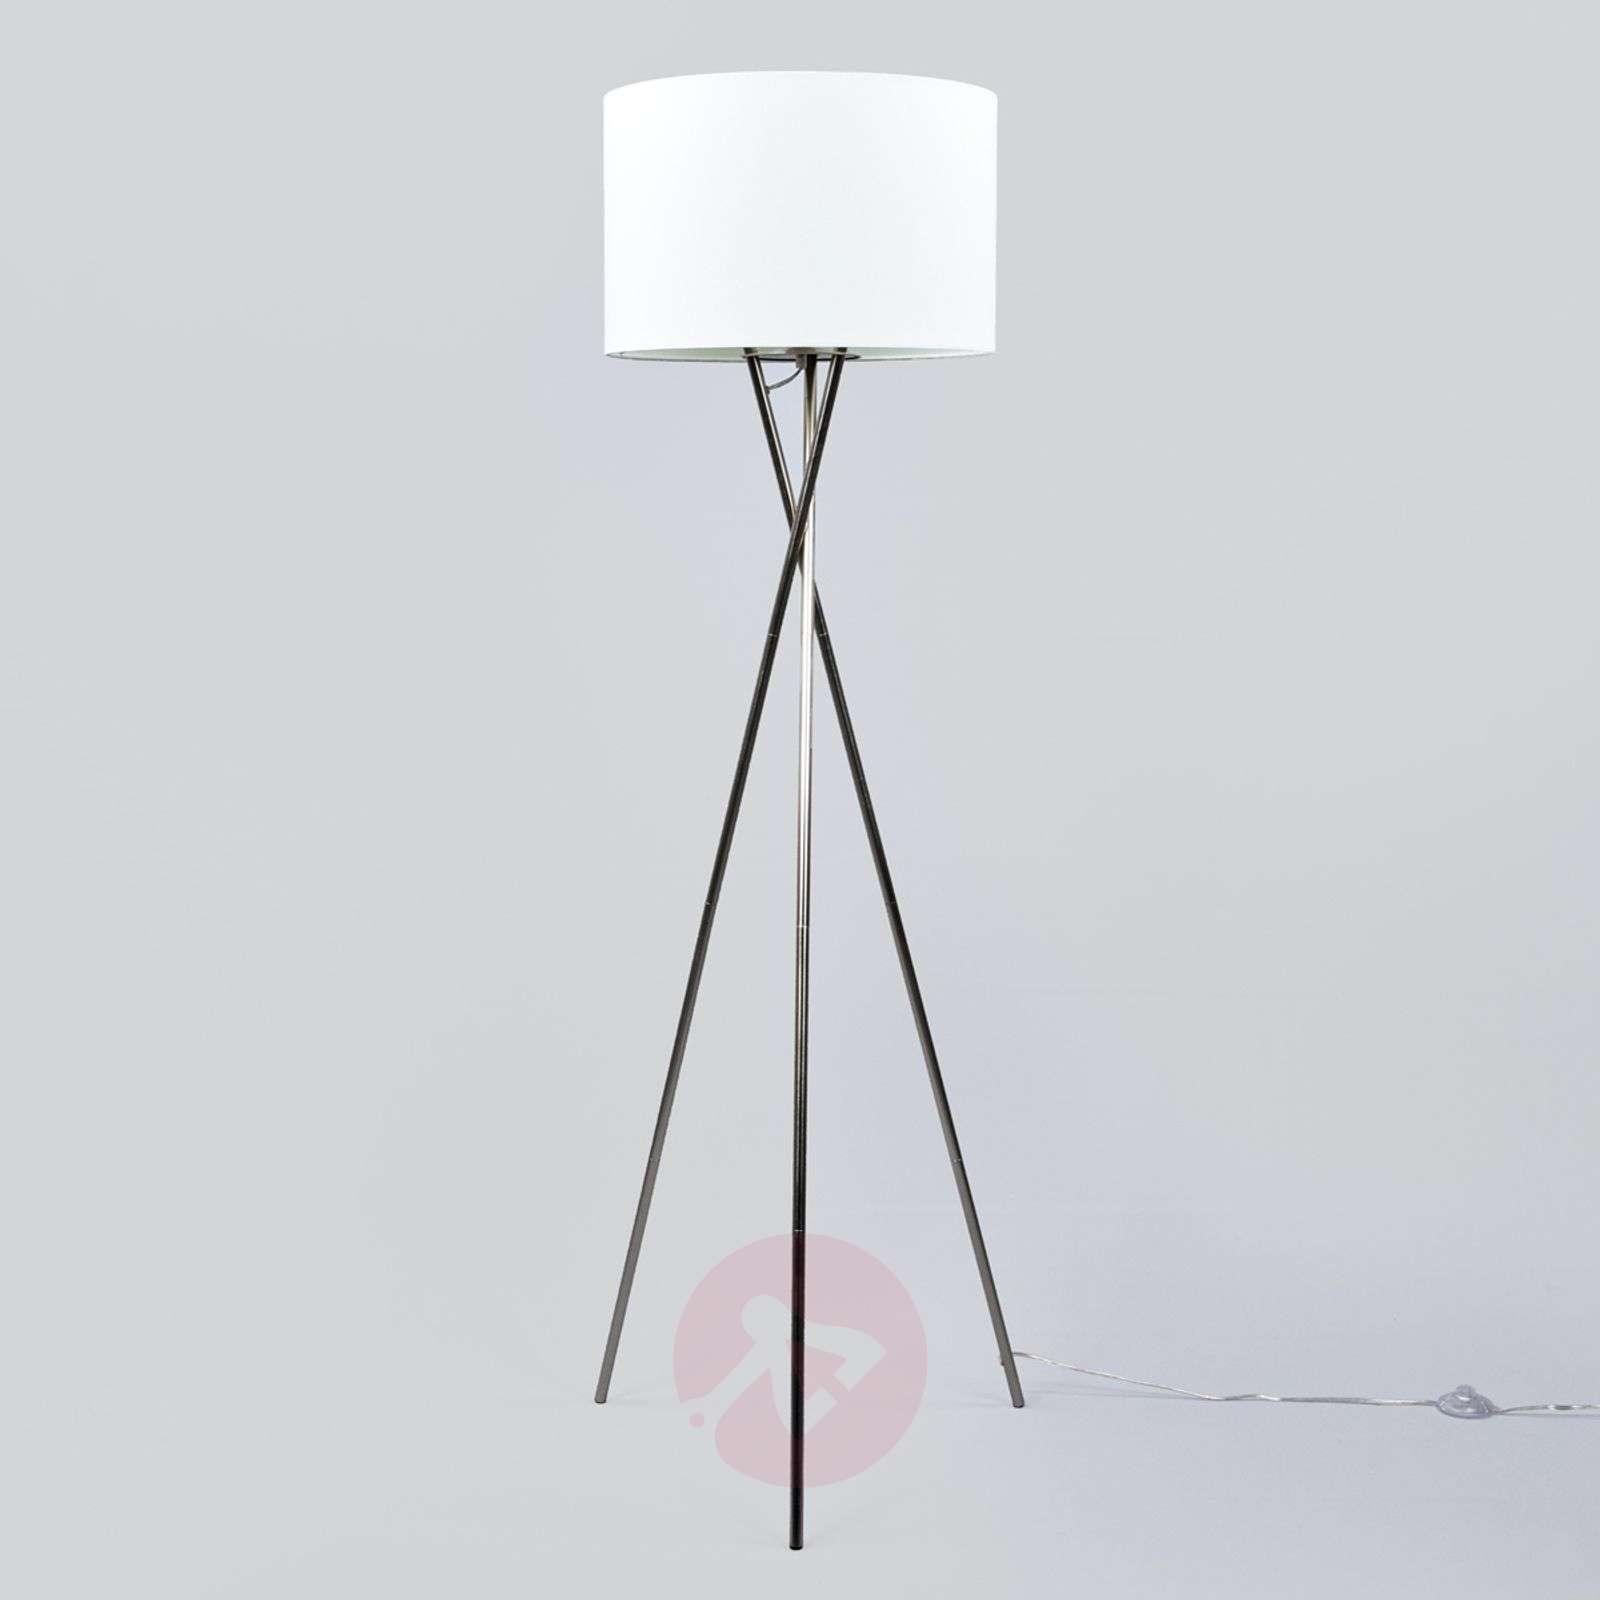 Fiby-lattiavalaisin, valkoinen kangasvarjostin-4018034-02